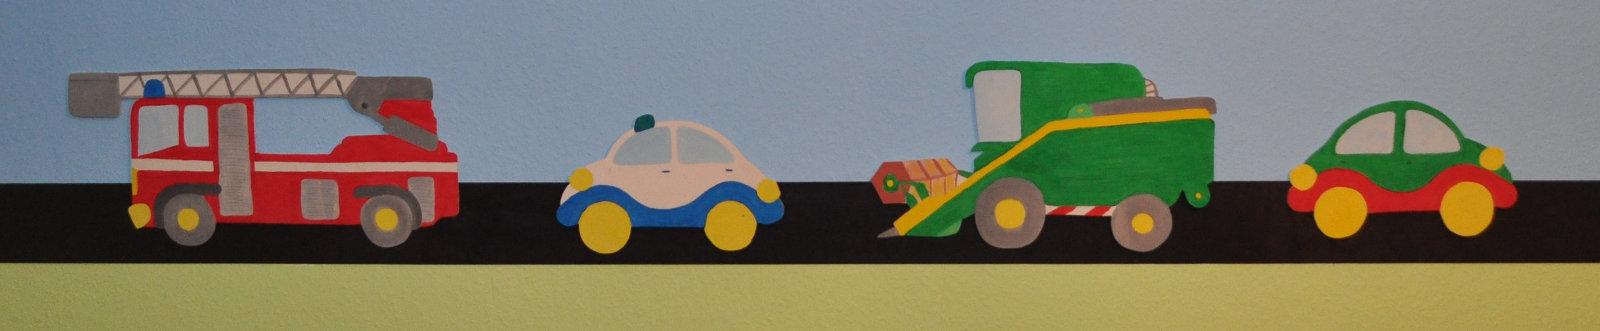 Bewegliches Wandbild fürs Kinderzimmer